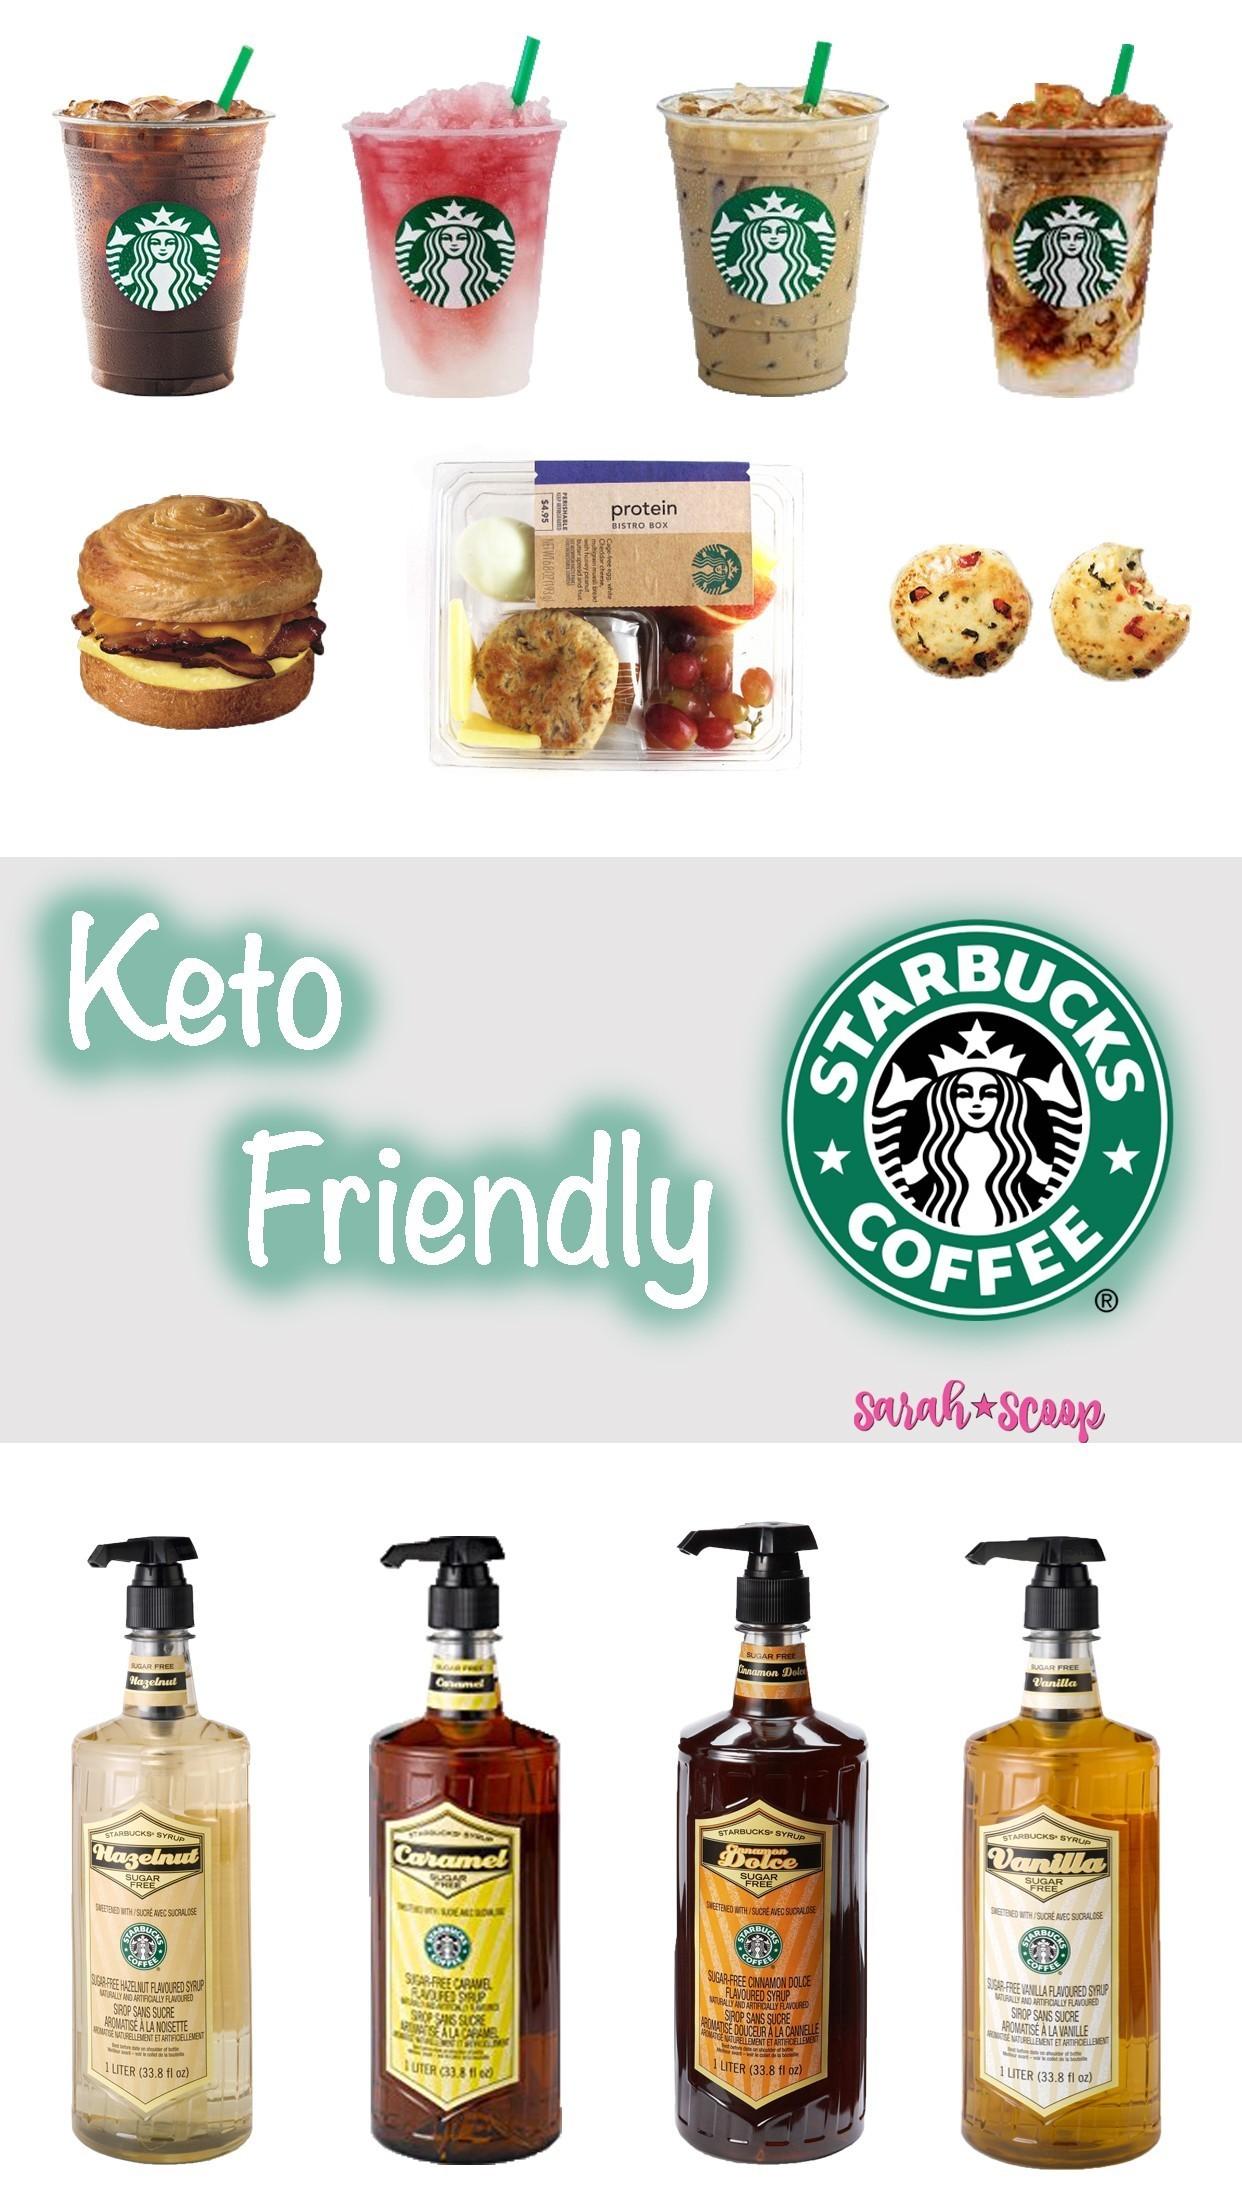 starbucks on keto diet